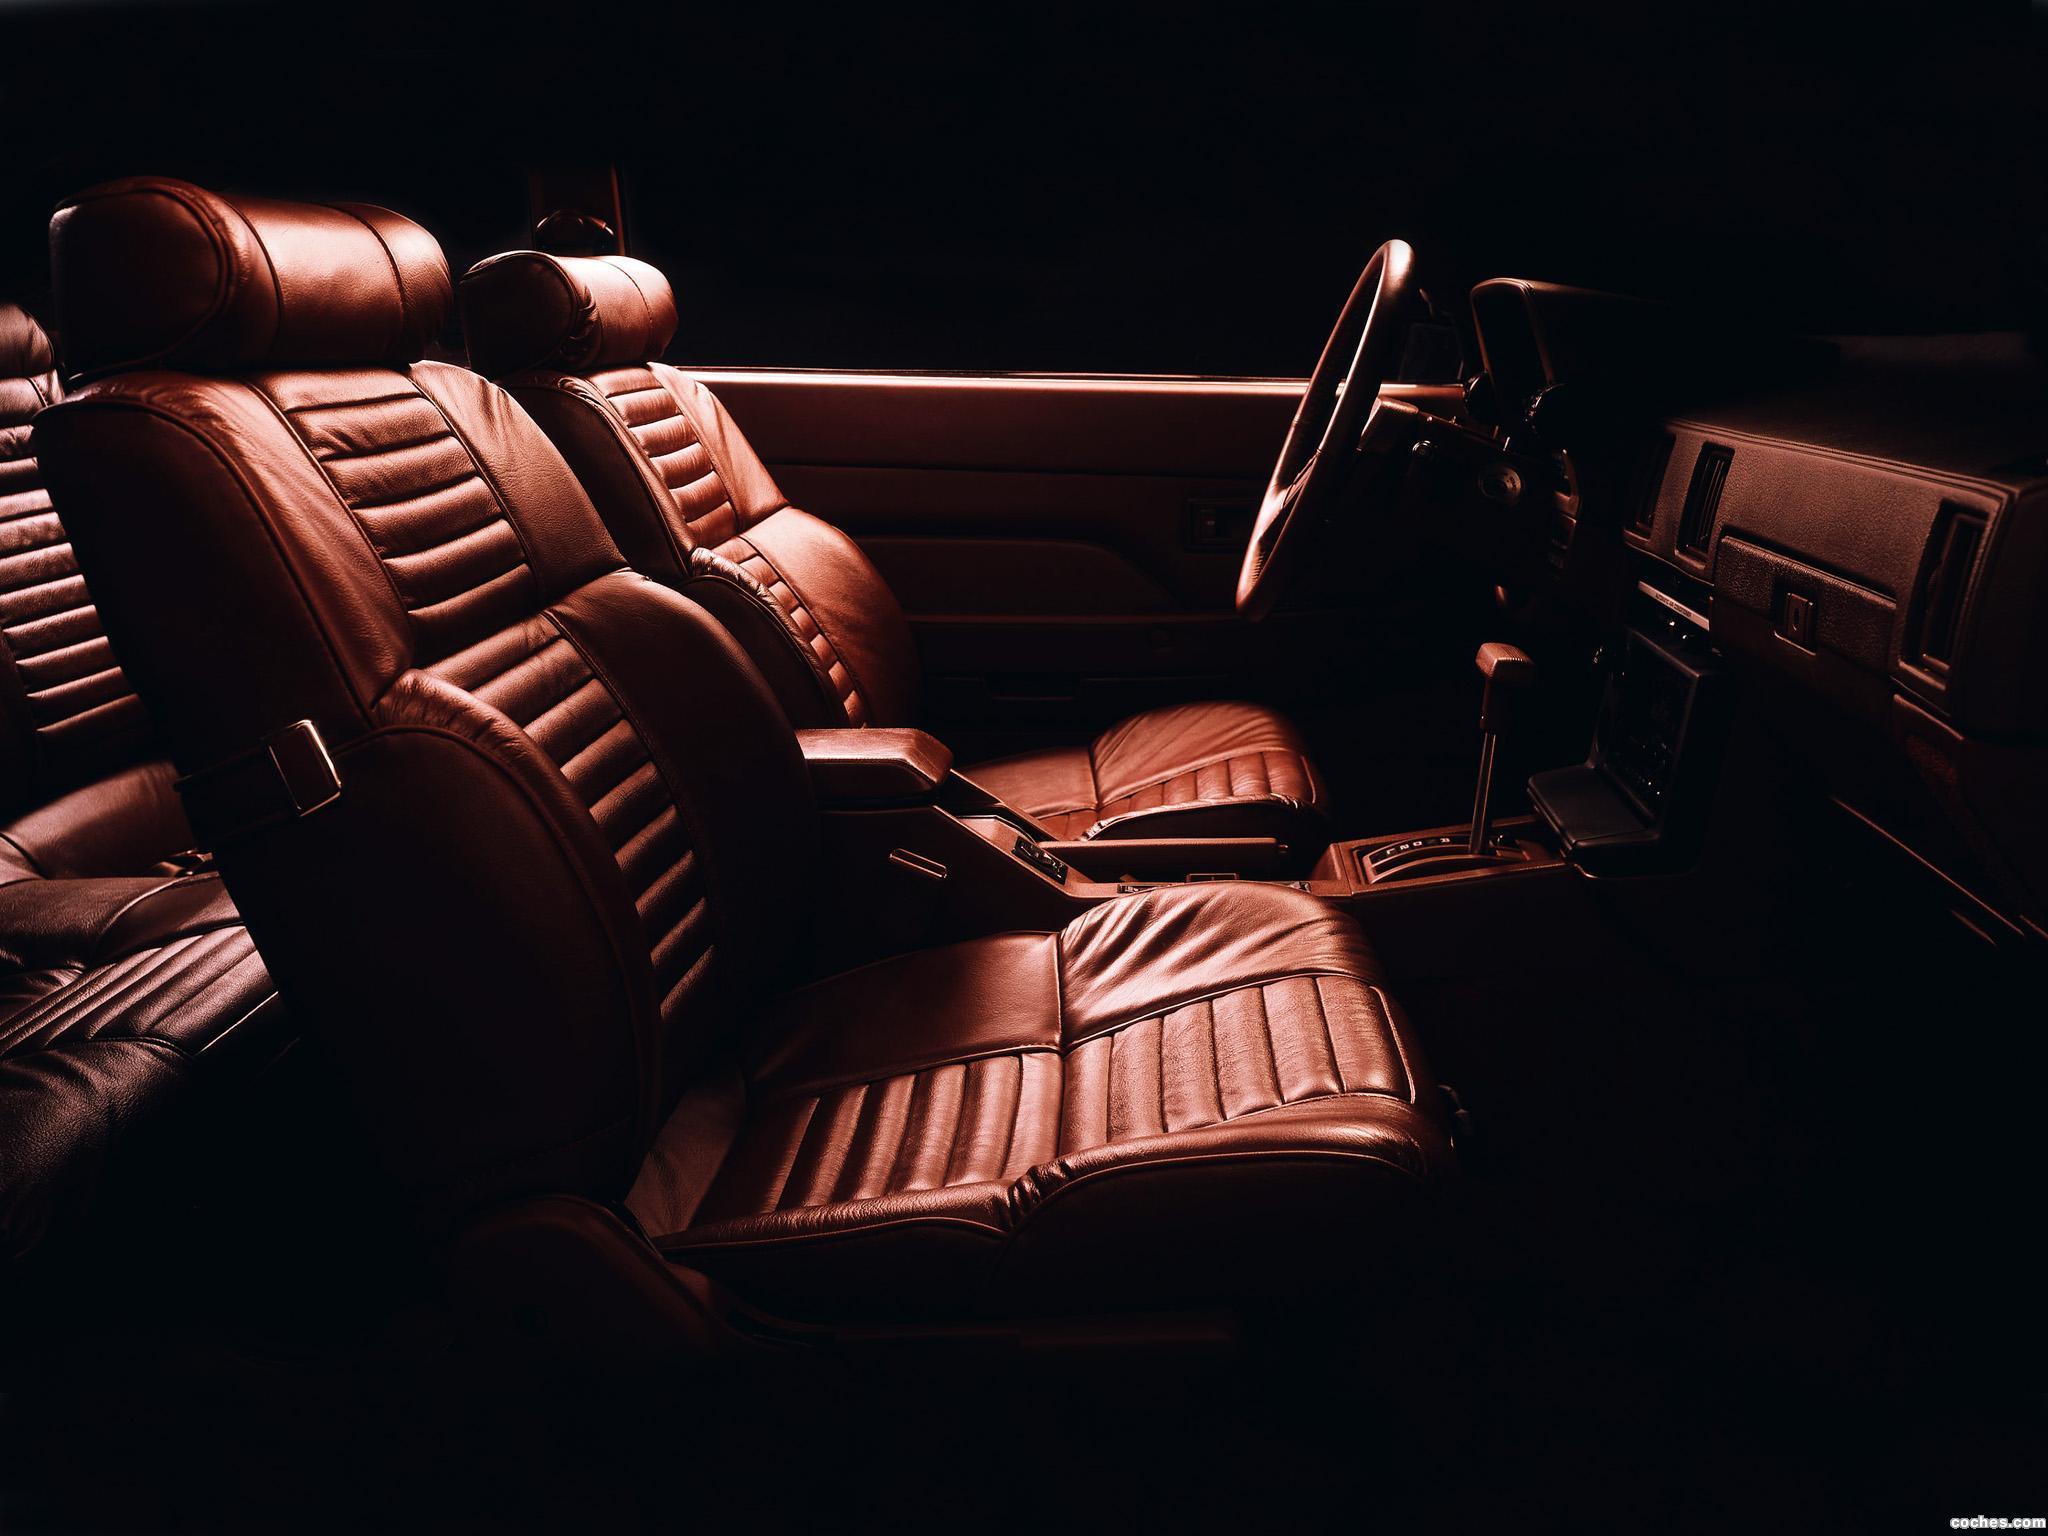 Foto 2 de Toyota Celica Supra L-Type MA61 1982